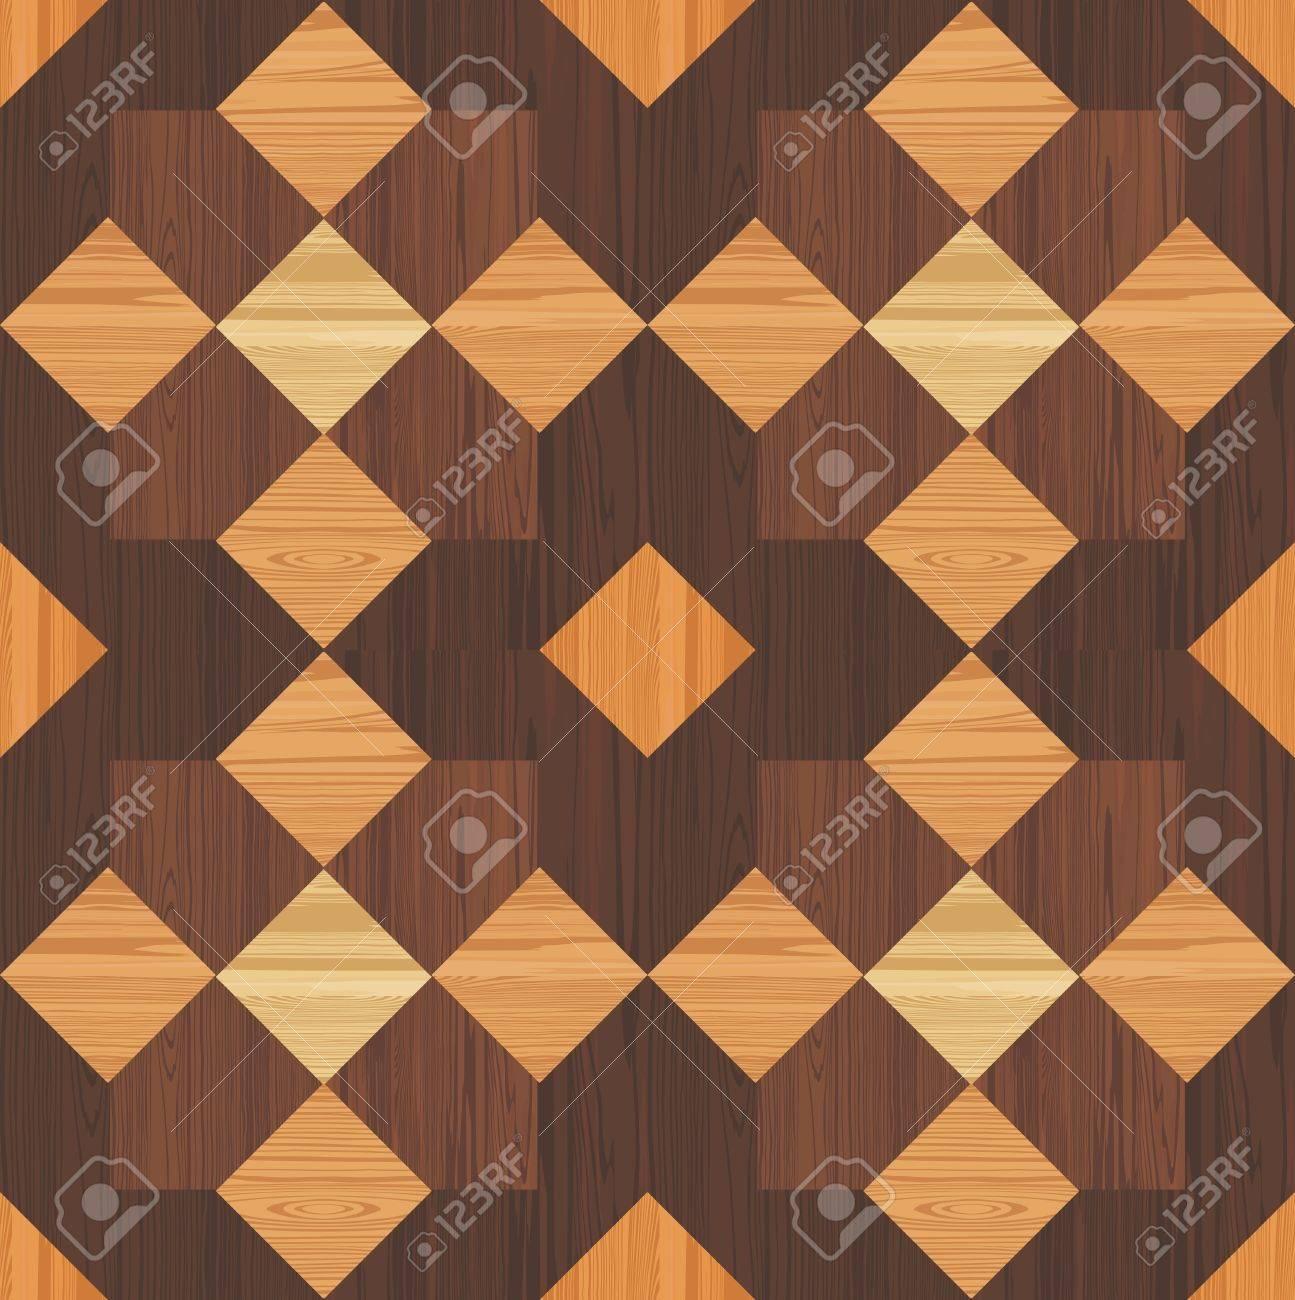 Vettoriale - Mosaico Di Legno Senza Soluzione Di Continuità Image ...